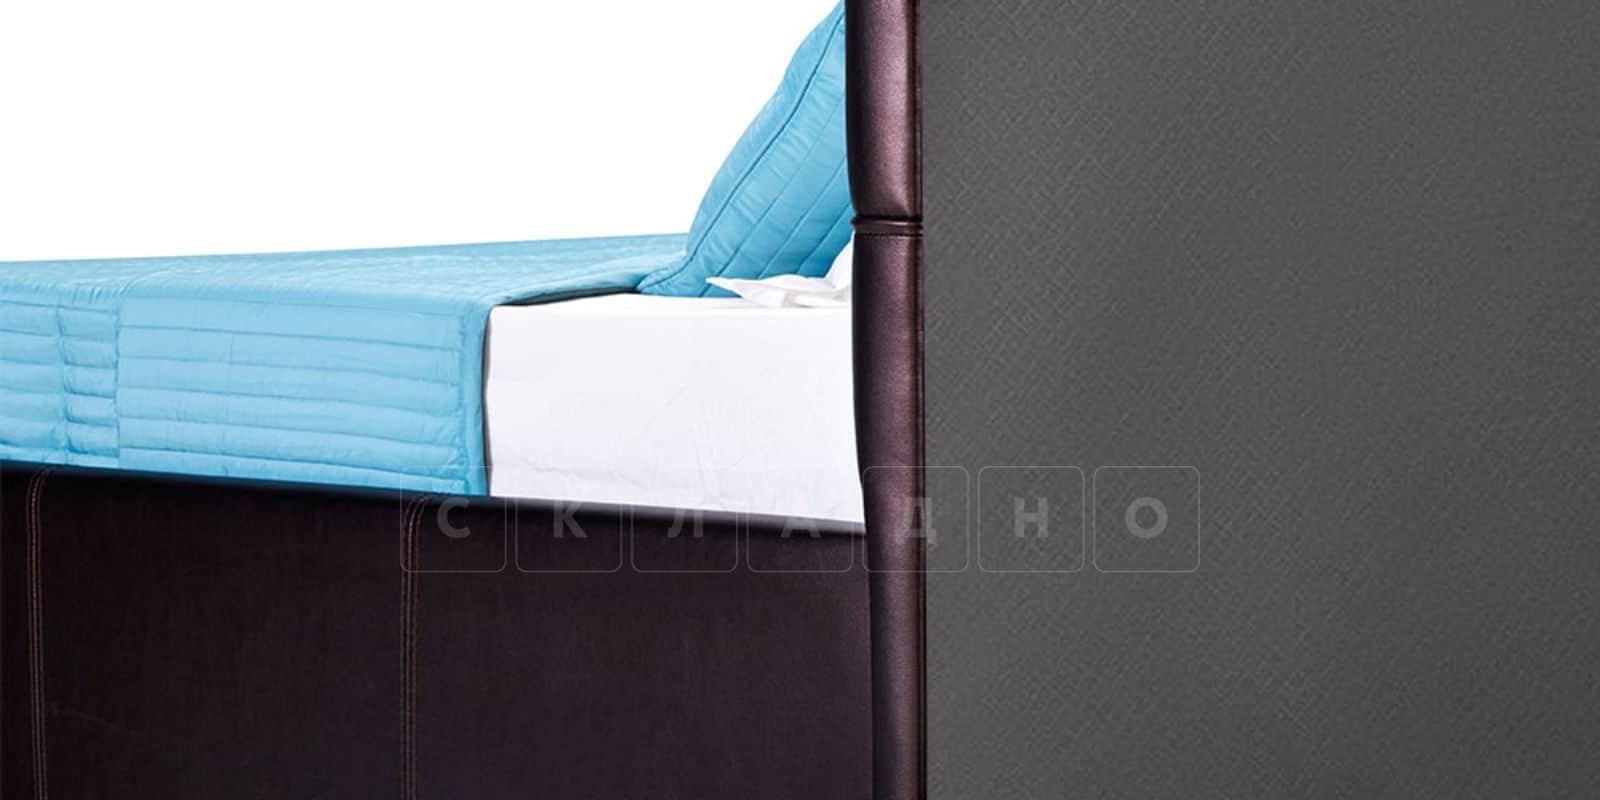 Мягкая кровать Лайф 160см шоколад без подъемного механизма фото 5 | интернет-магазин Складно